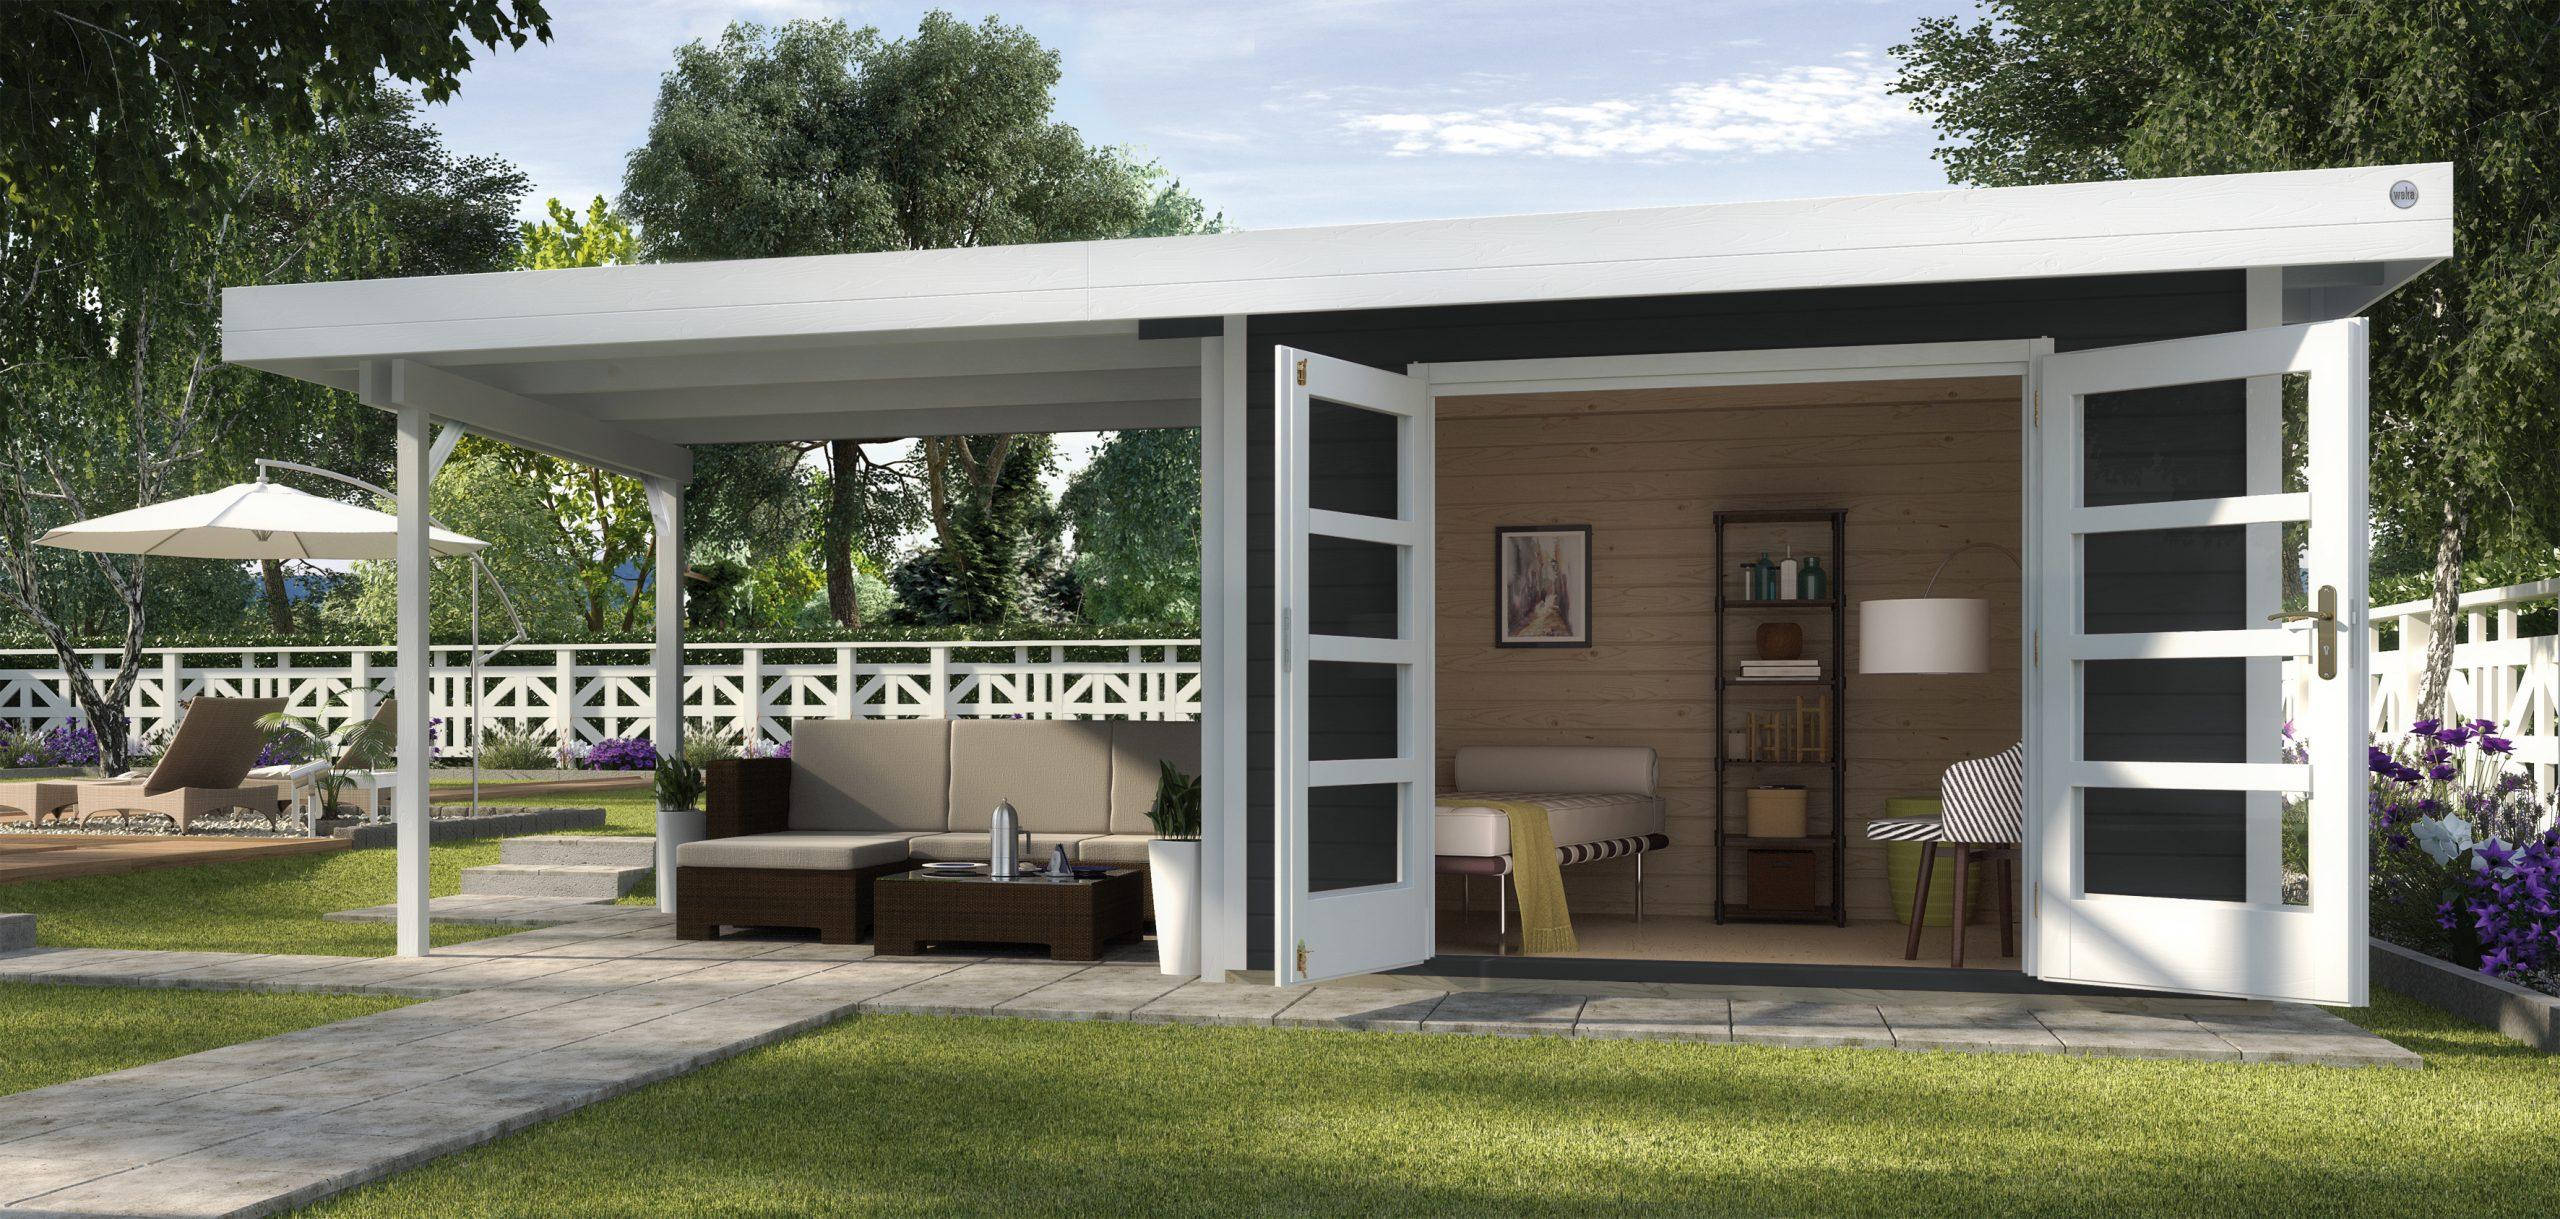 Abri De Jardin Design Toit Plat Avec Auvent - Abri Bois De 10 À 15 M² Nea  Concept avec Abri De Jardin Pvc Toit Plat